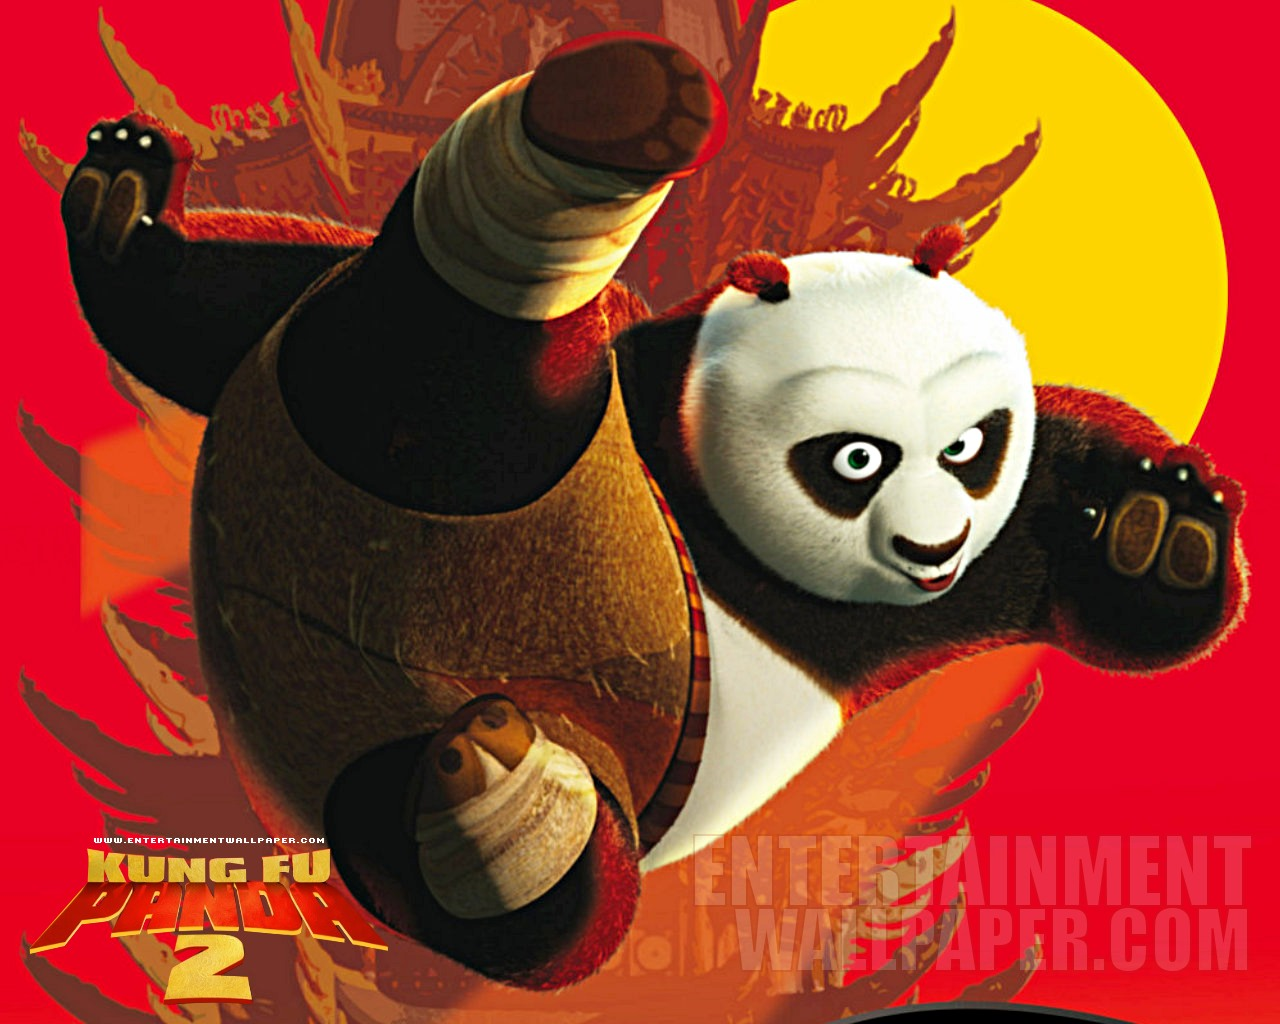 http://3.bp.blogspot.com/-QnV3RuMlZYw/T0ymqpcftMI/AAAAAAAAGSA/l9AKEjfEZWQ/s1600/Kung+Fu+Panda+2+Wallpaper+022.jpg